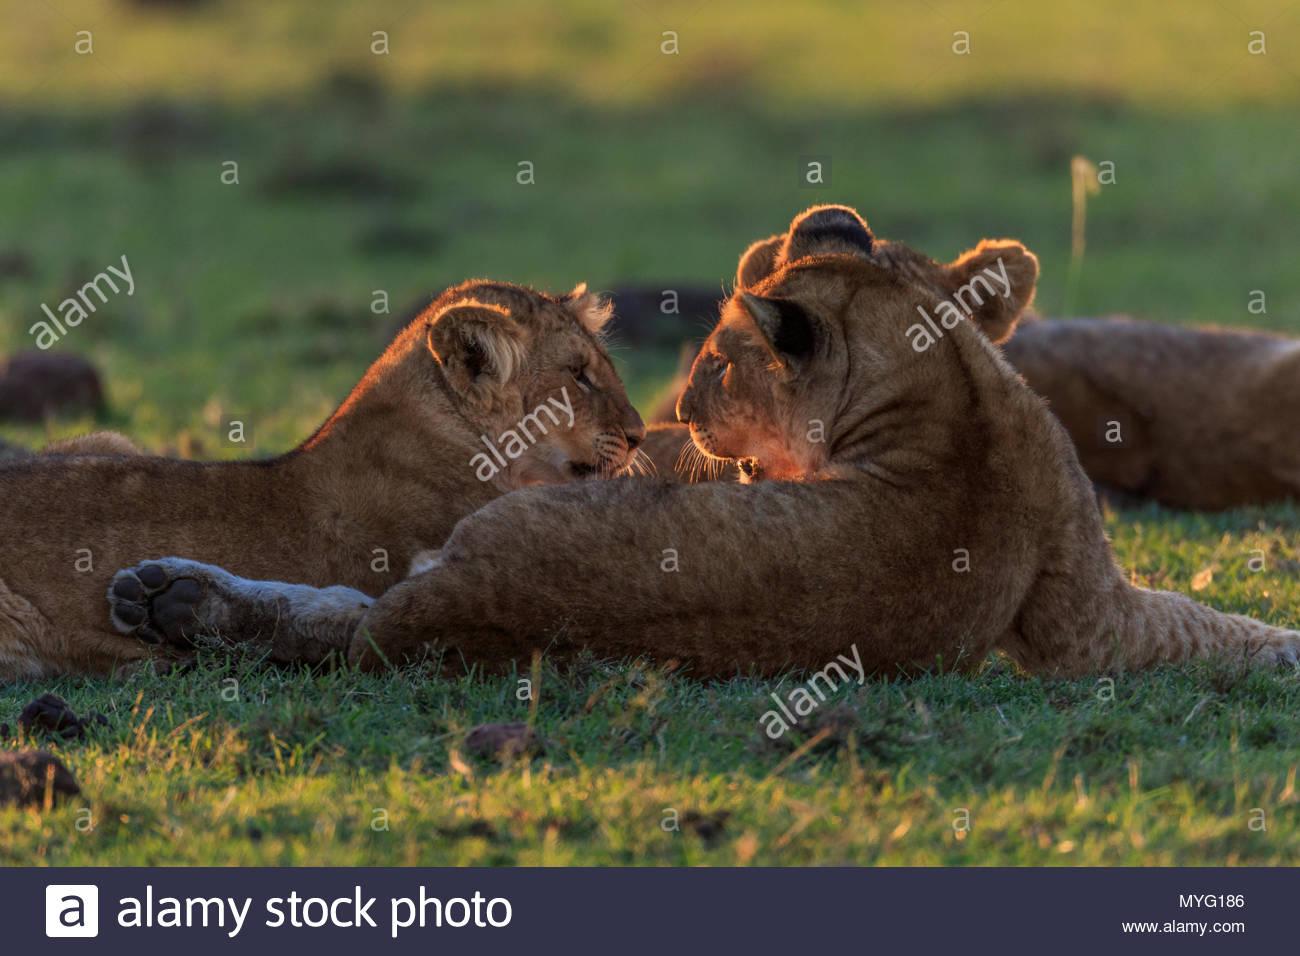 Lion cubs (Panthera leo) interact at sunset. - Stock Image